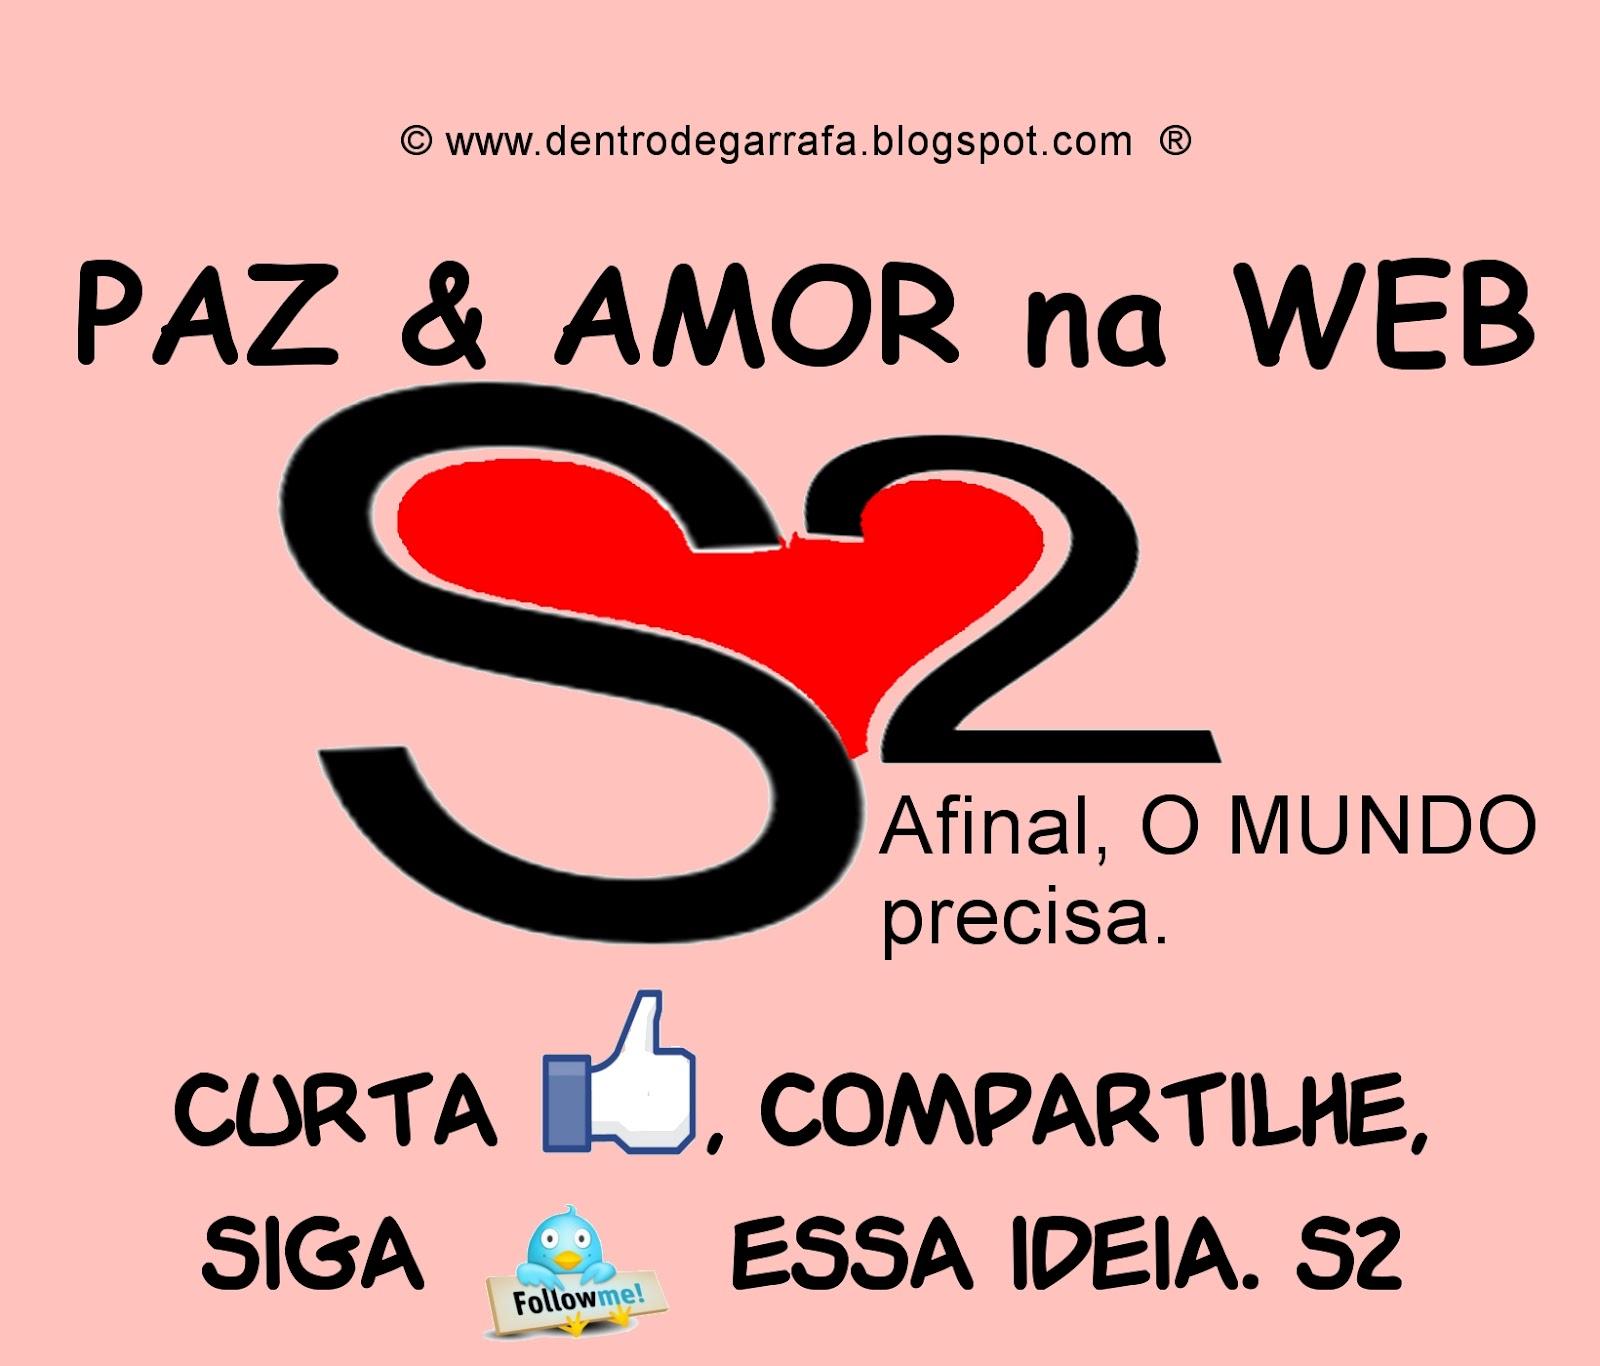 web amor: